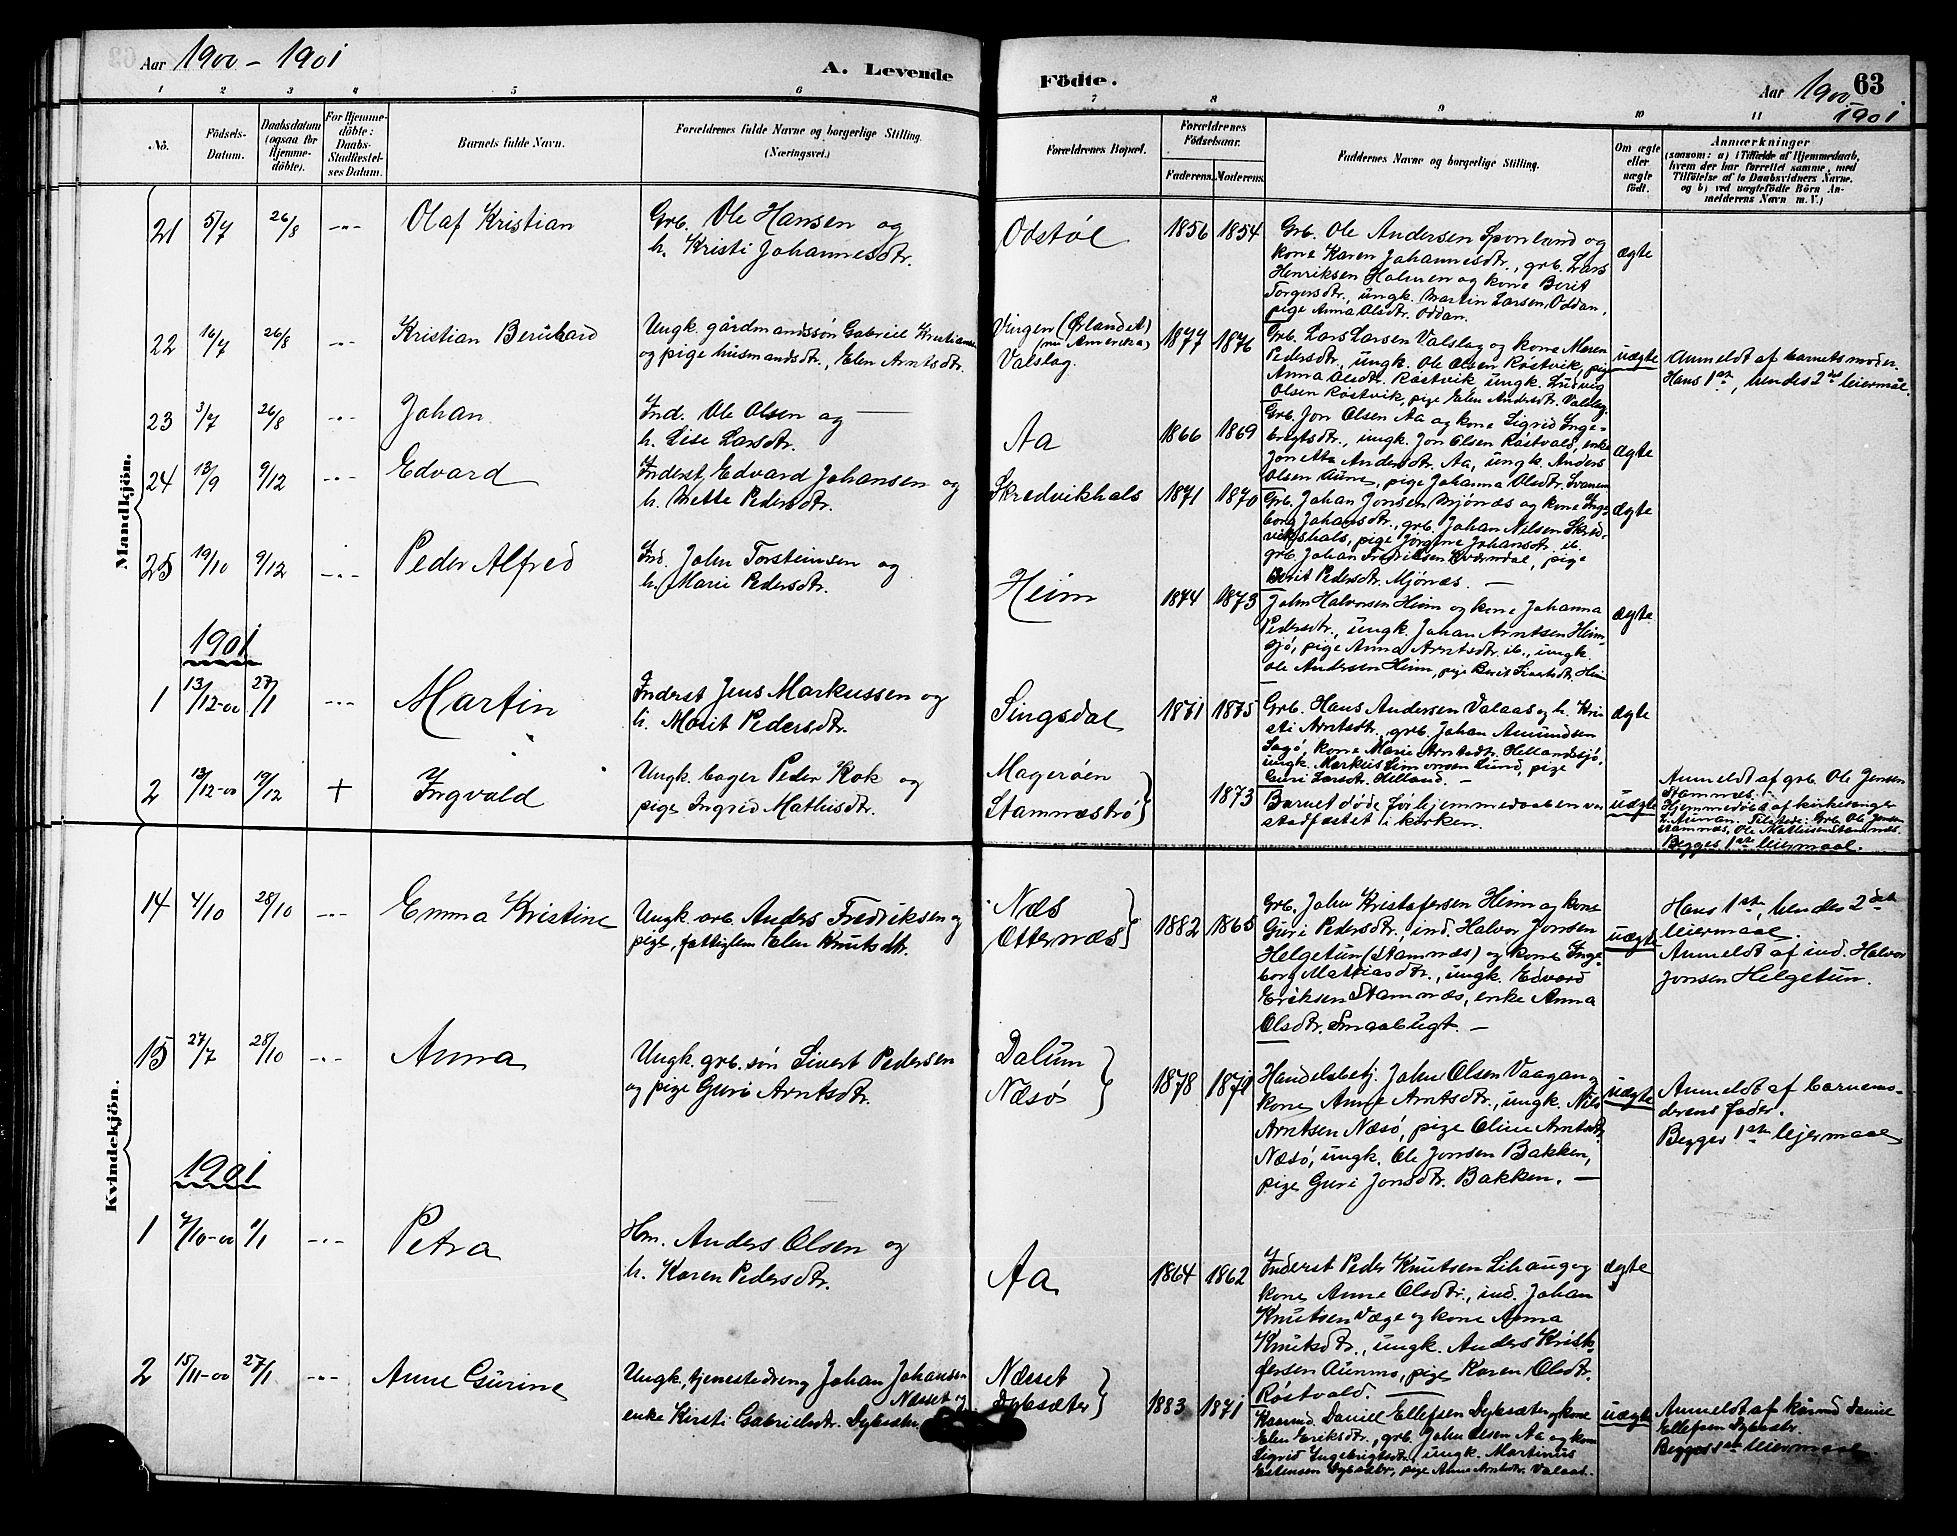 SAT, Ministerialprotokoller, klokkerbøker og fødselsregistre - Sør-Trøndelag, 633/L0519: Klokkerbok nr. 633C01, 1884-1905, s. 63